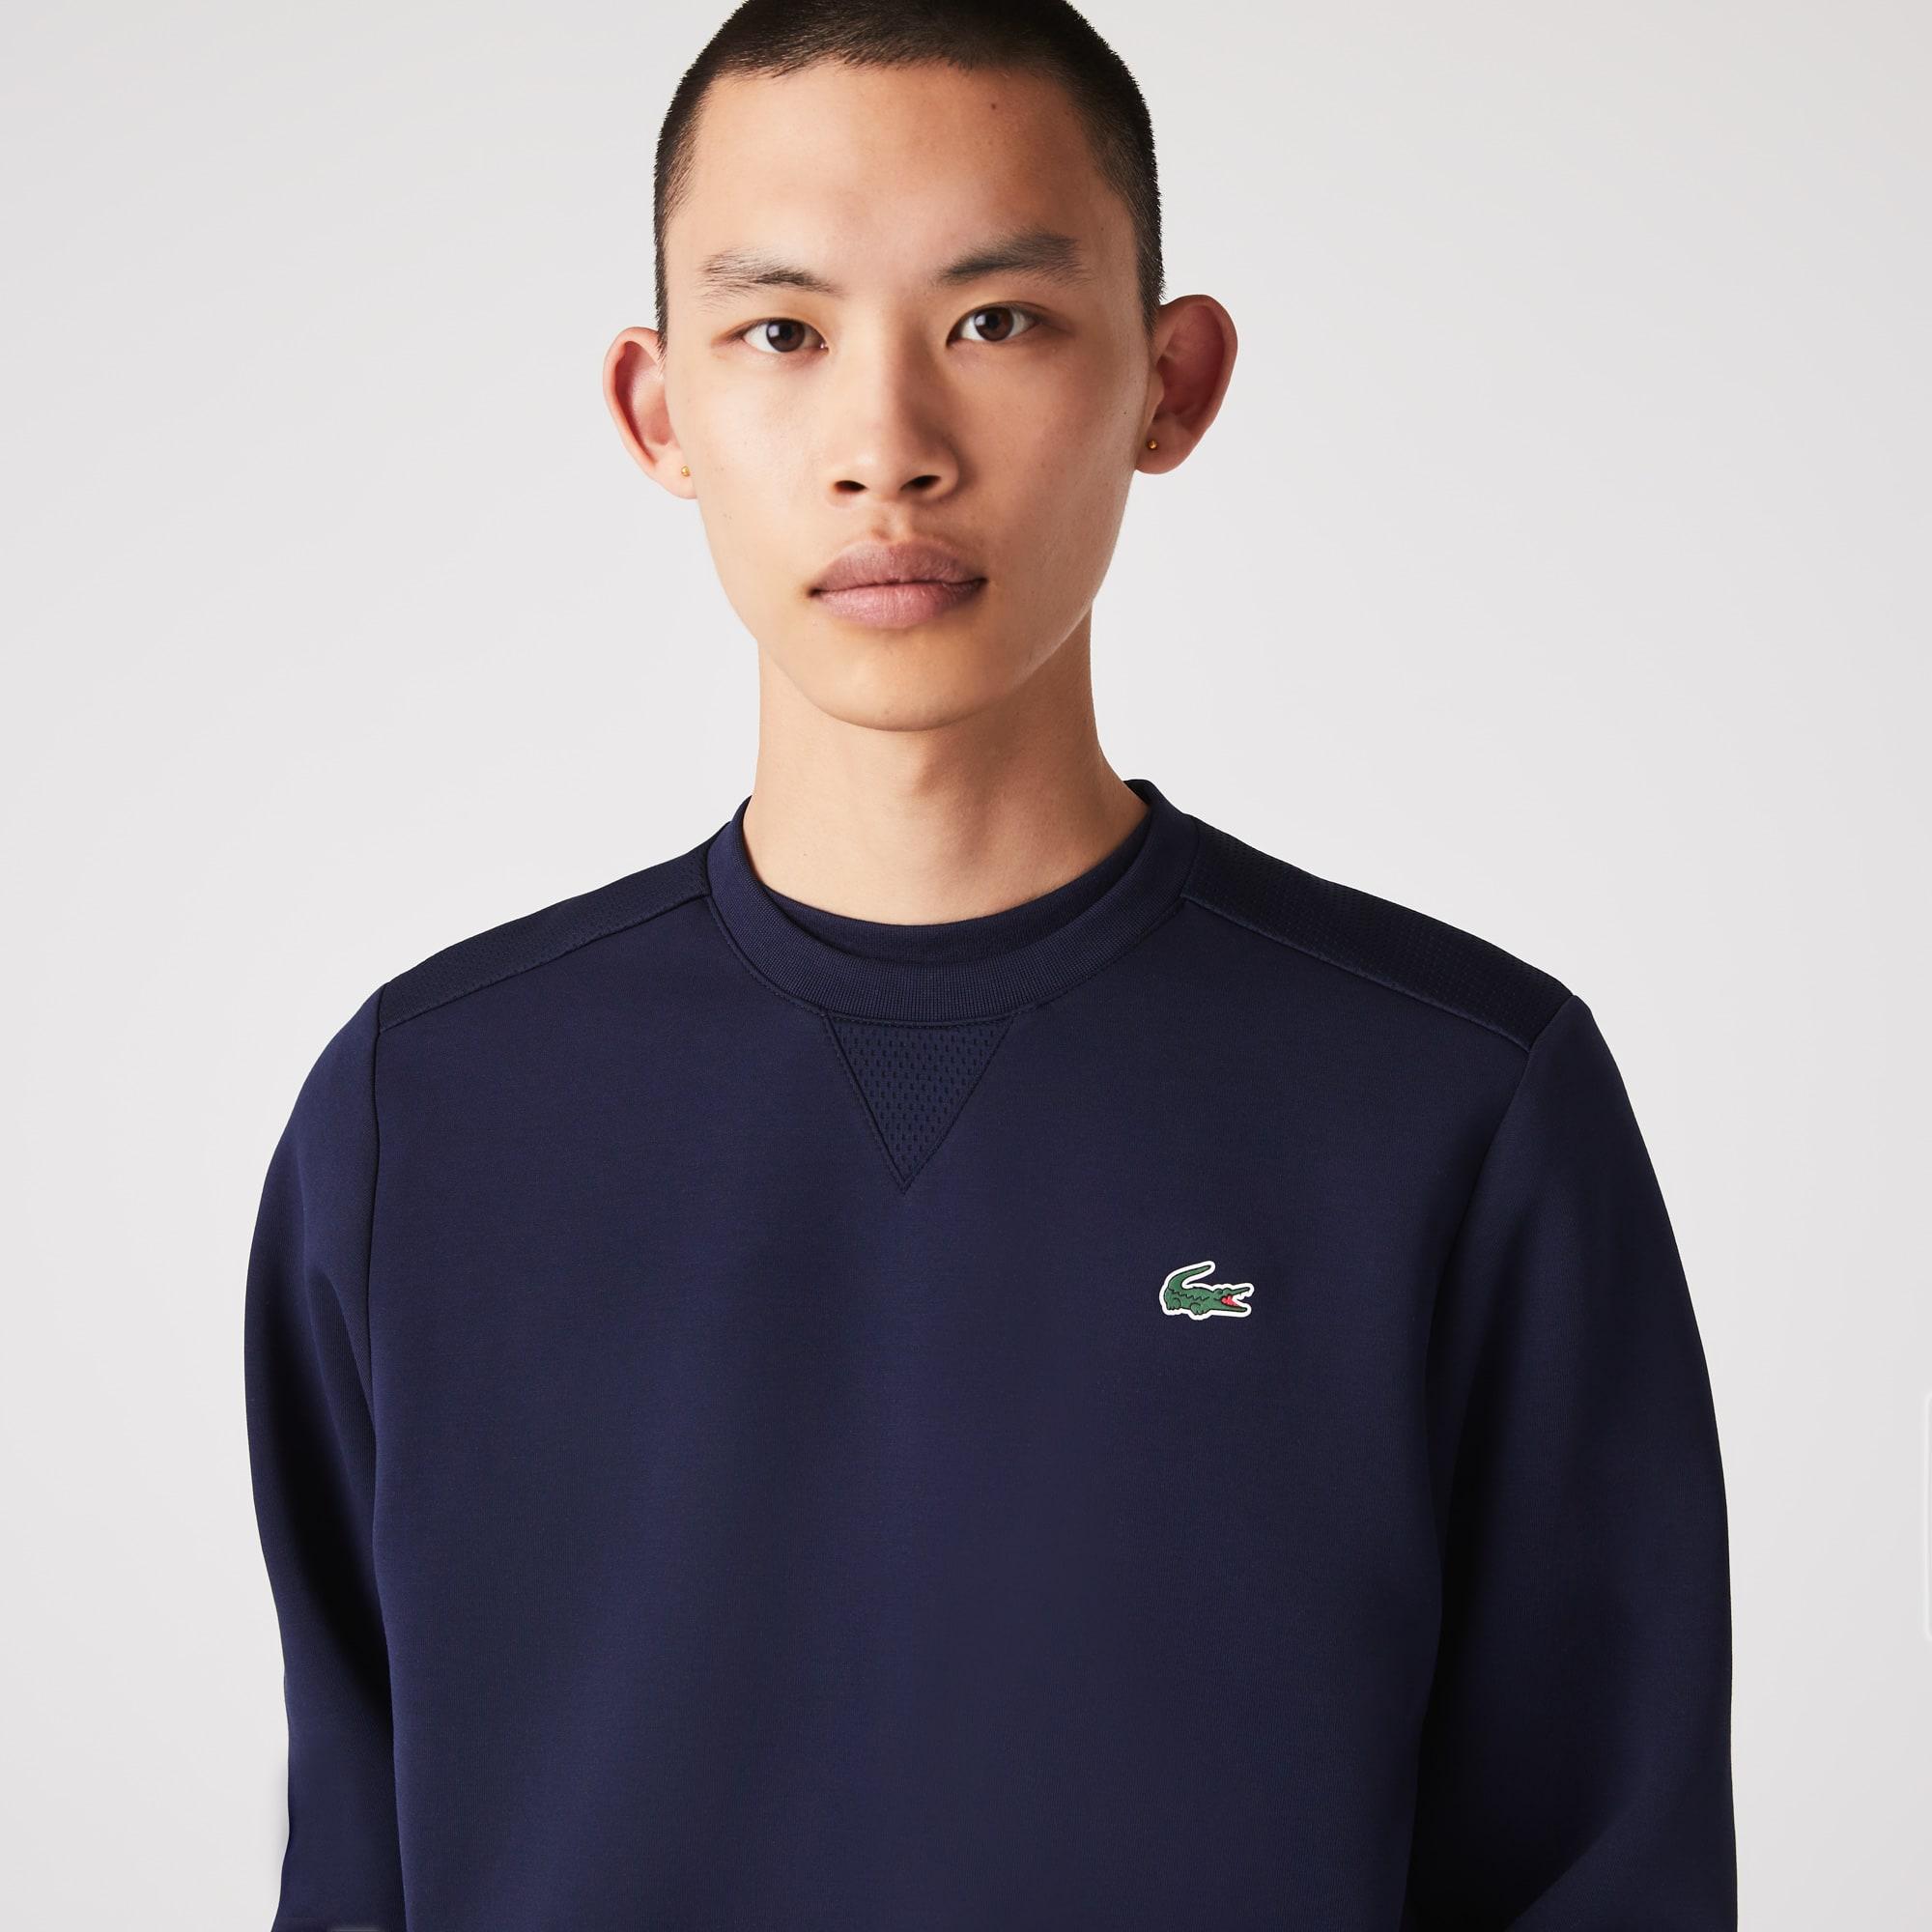 라코스테 맨 스포츠 맨투맨 Lacoste Men's SPORT Mesh Panels Sweatshirt